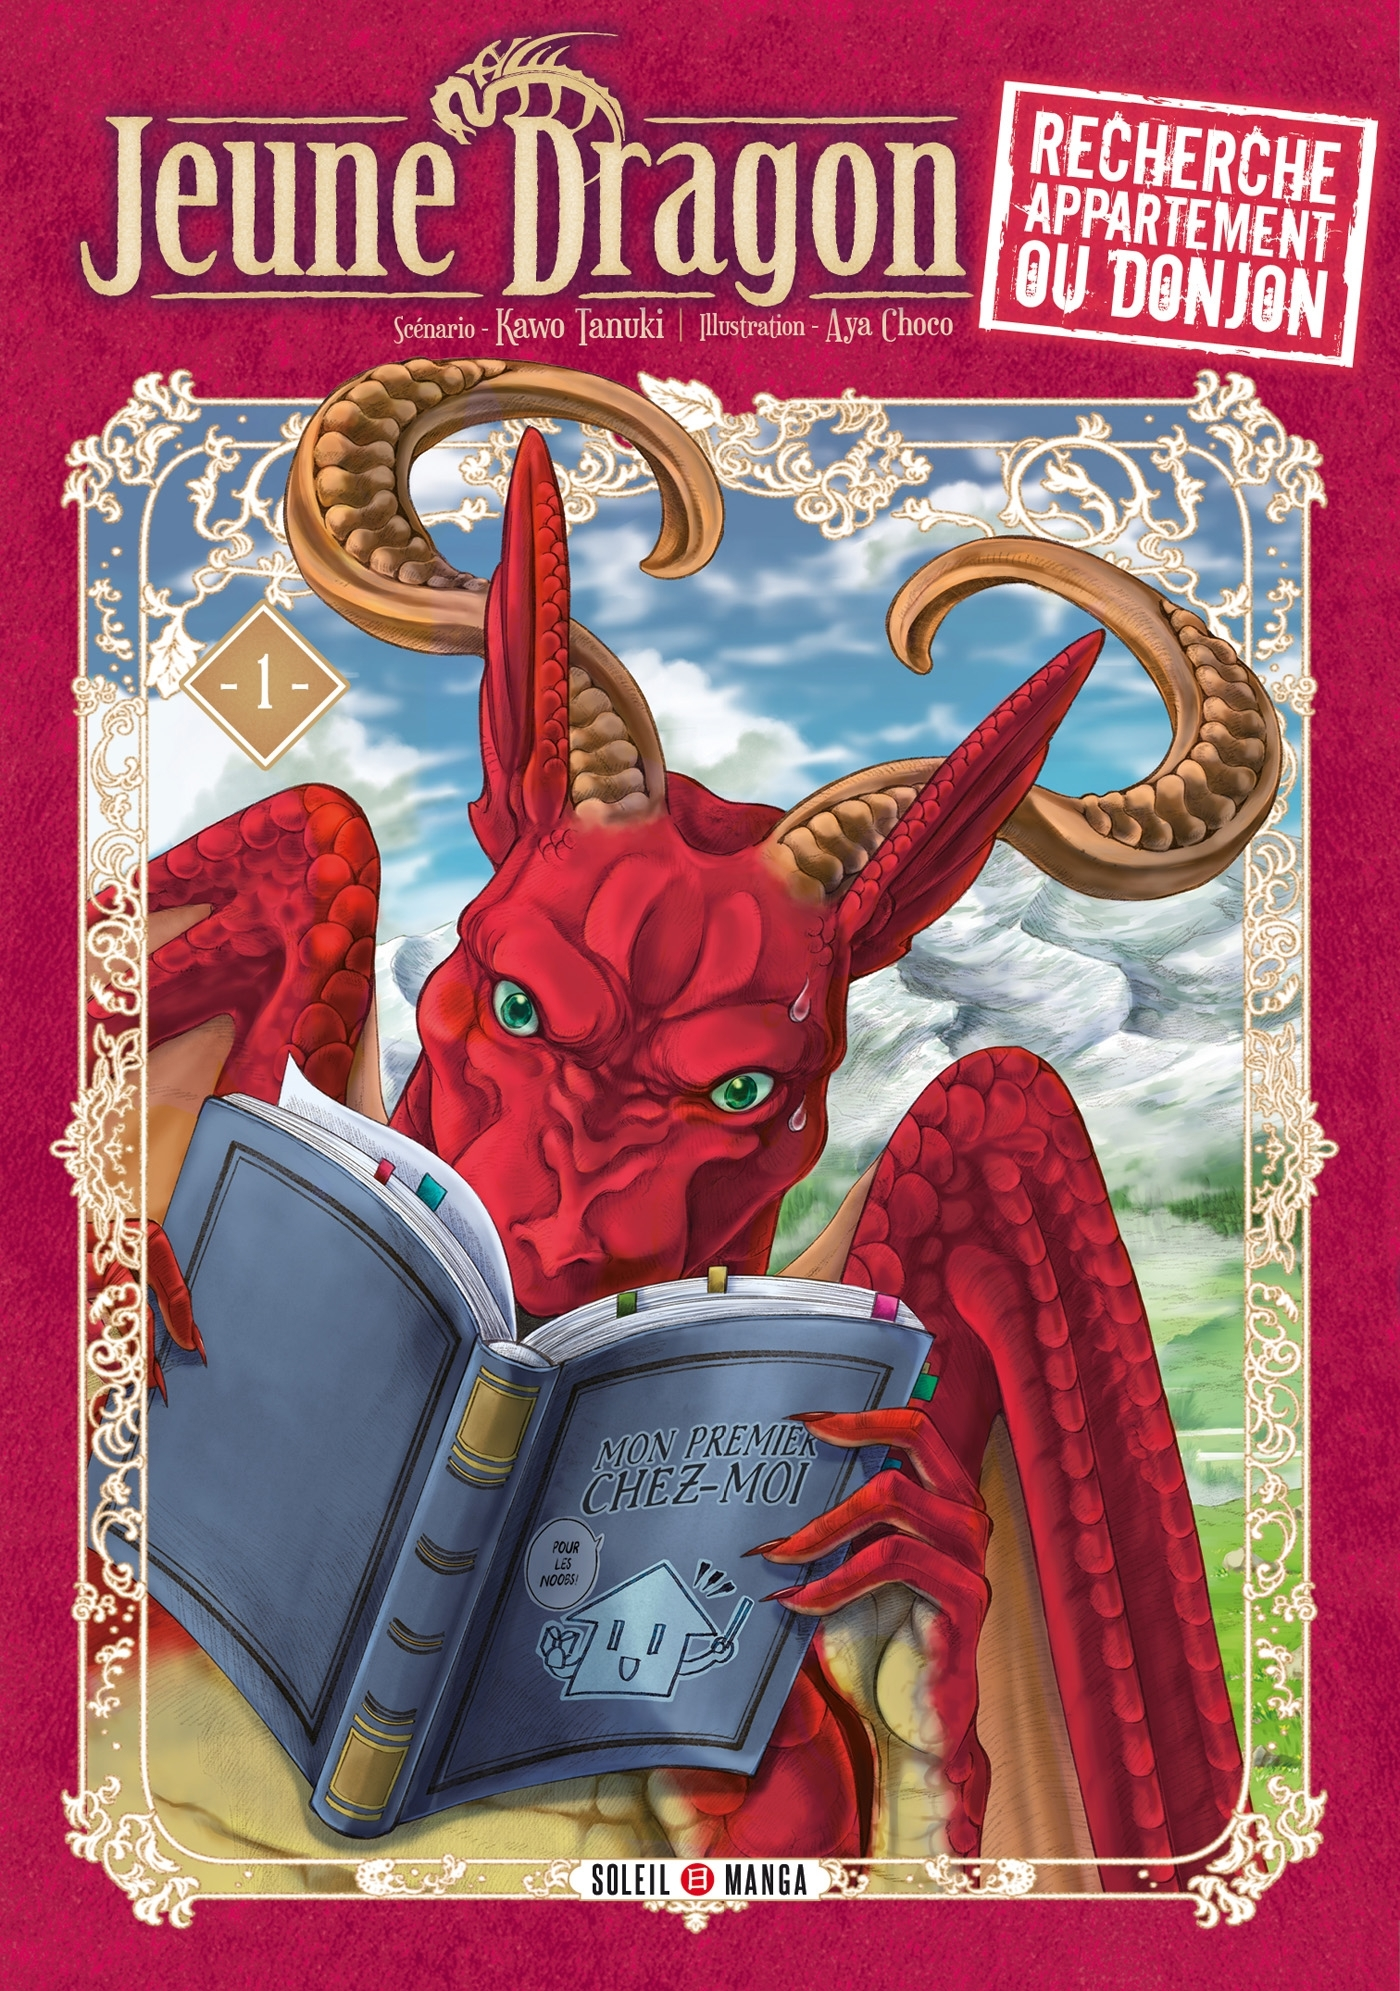 Jeune Dragon recherche appartement ou donjon Manga